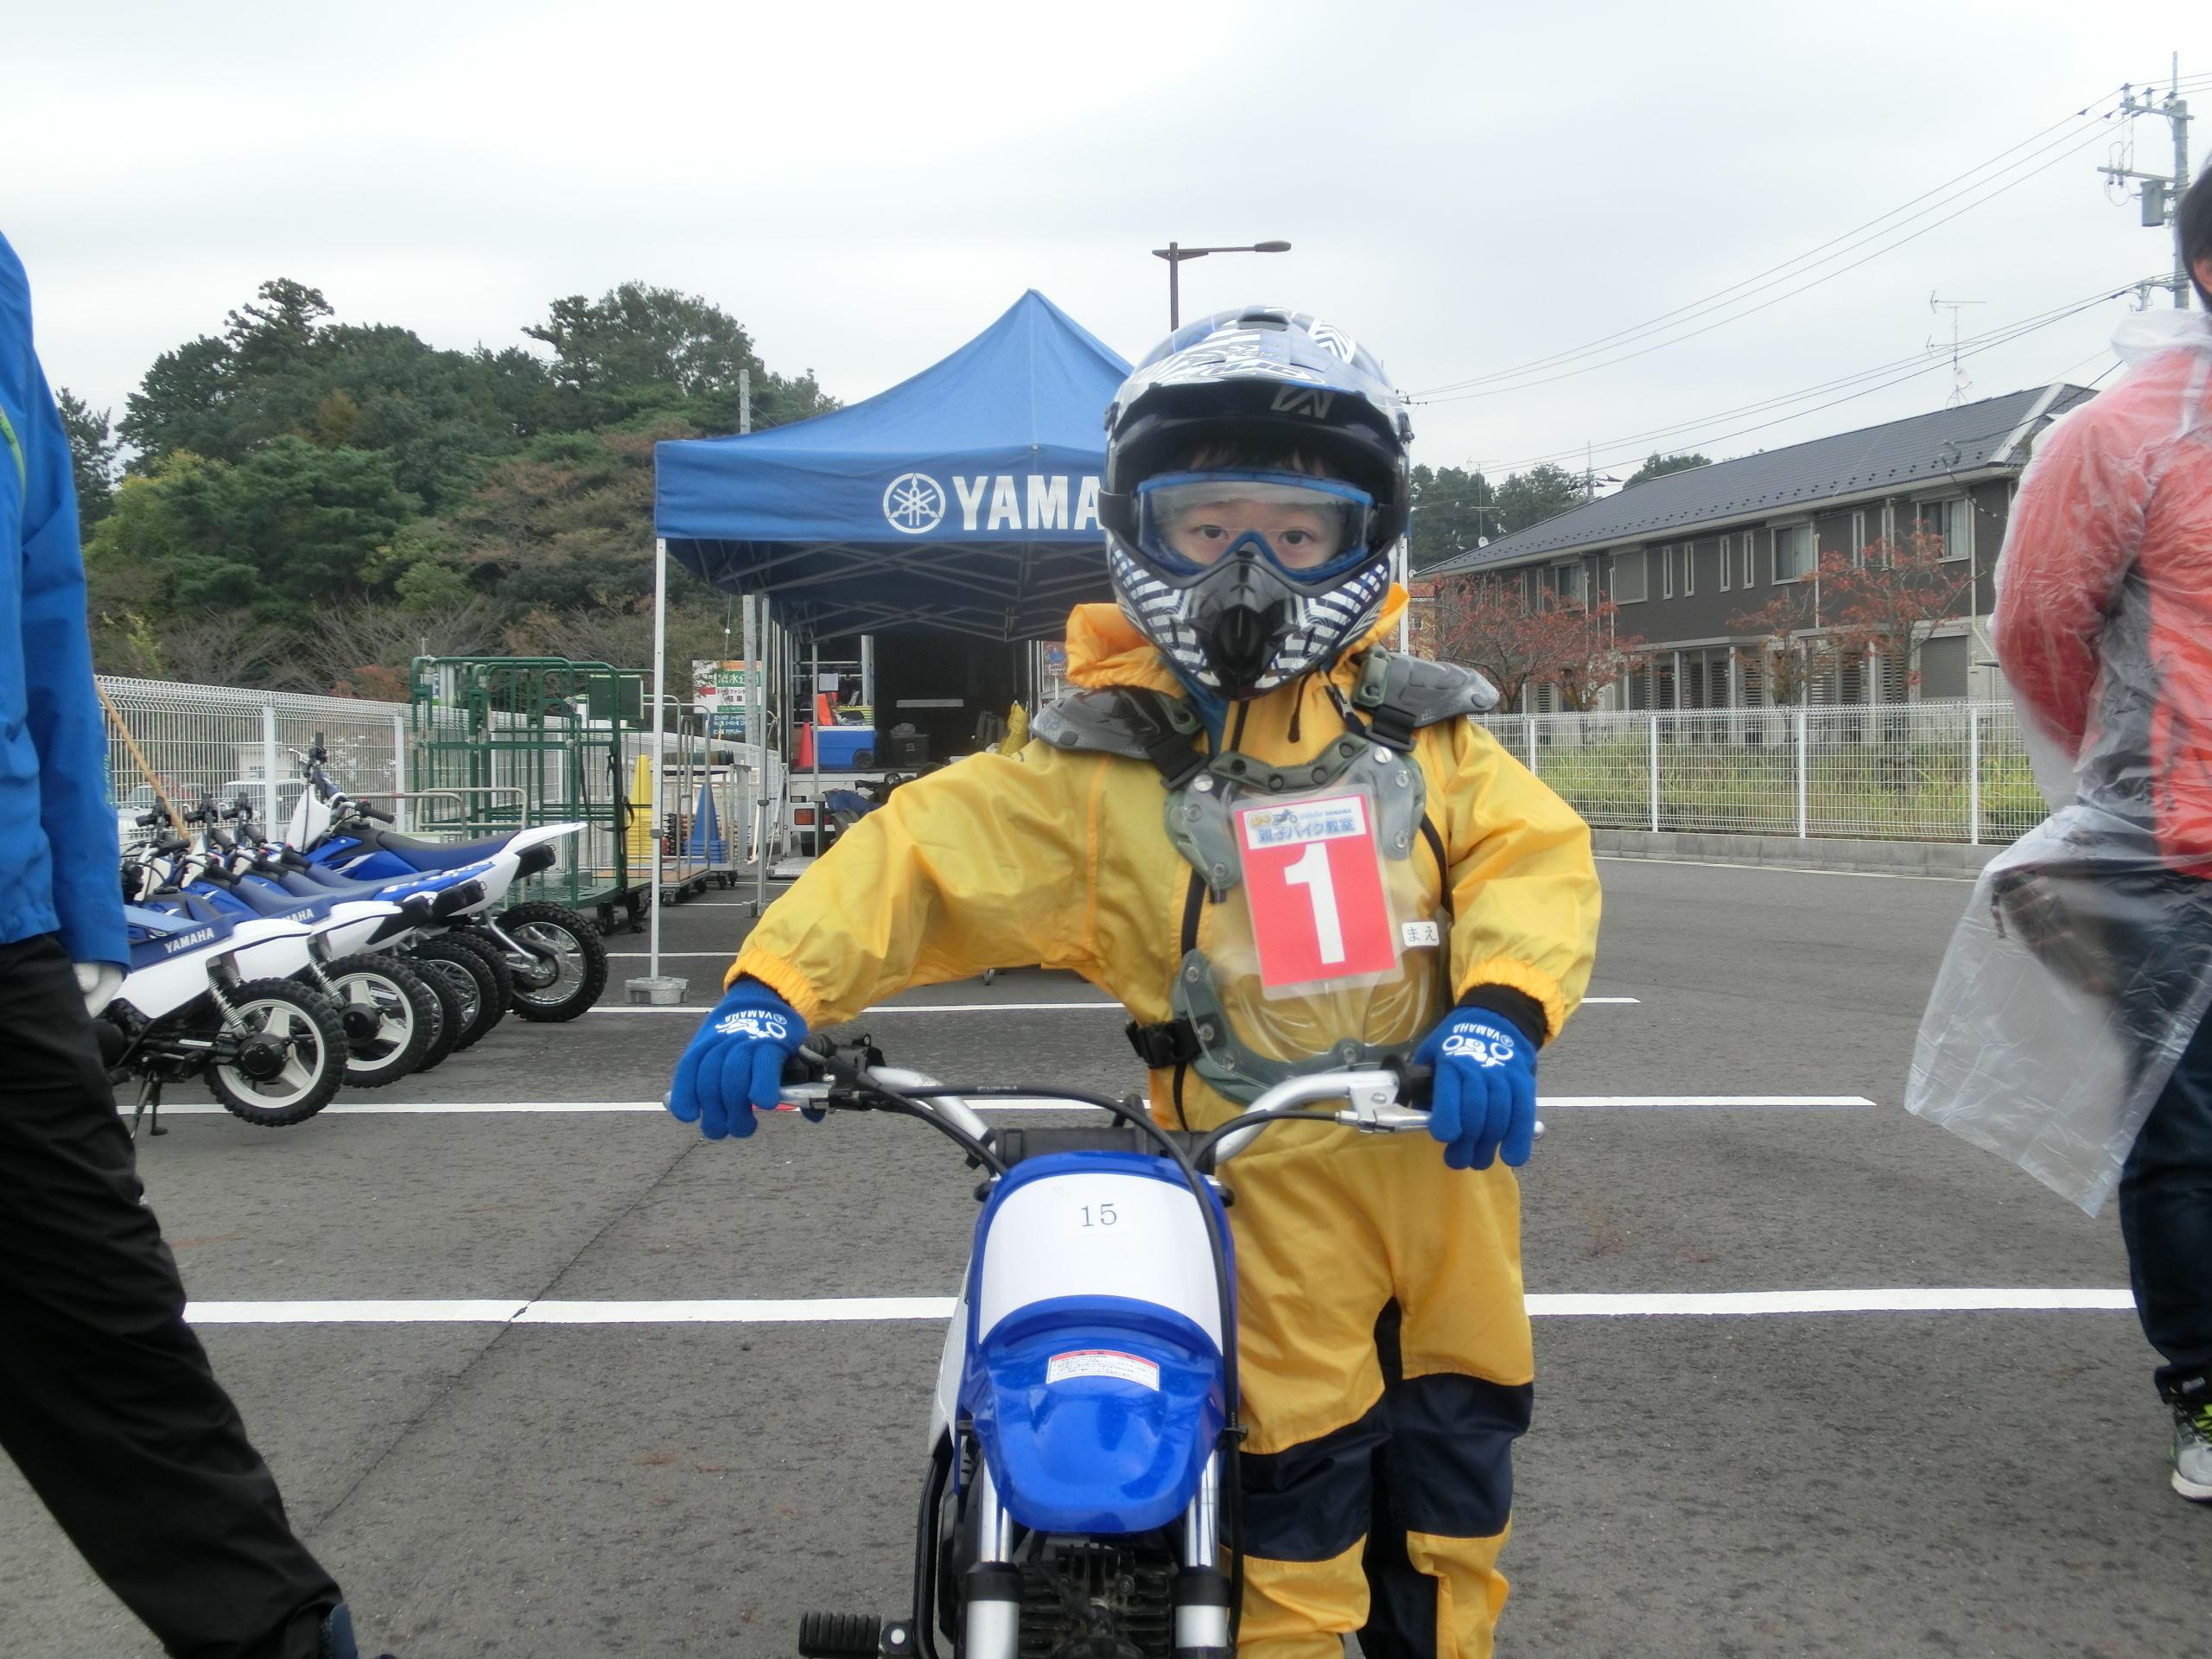 ヘルメットをお父さん、お母さんにかぶせてもらいバイクの側に立ったら、もう気分はレーサー!かっこいいぞ~!